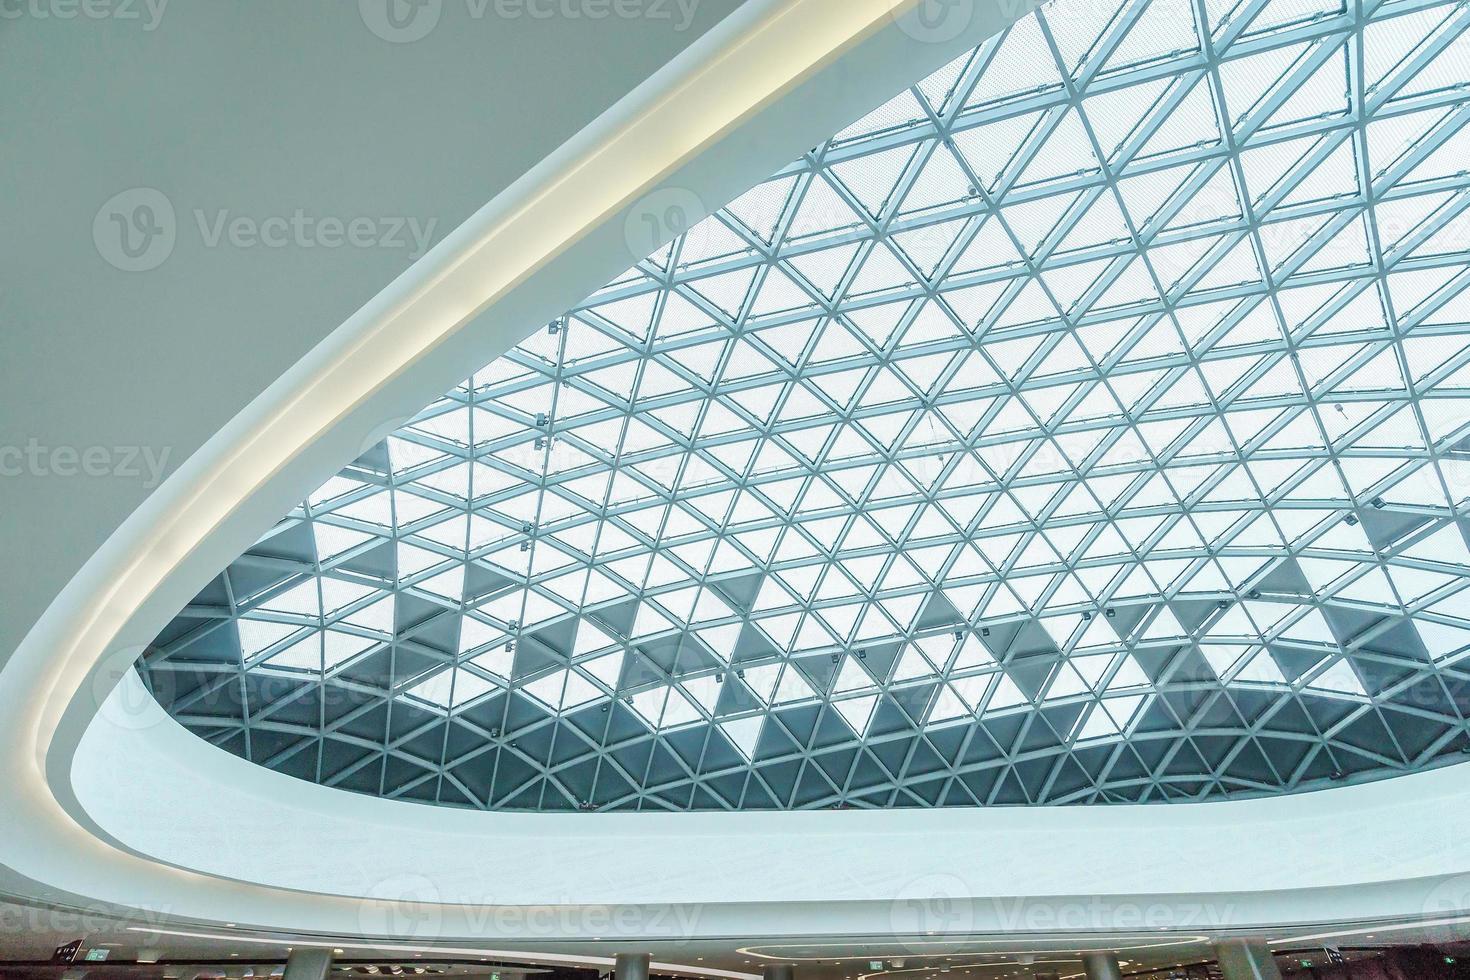 soffitto astratto nel moderno centro commerciale foto